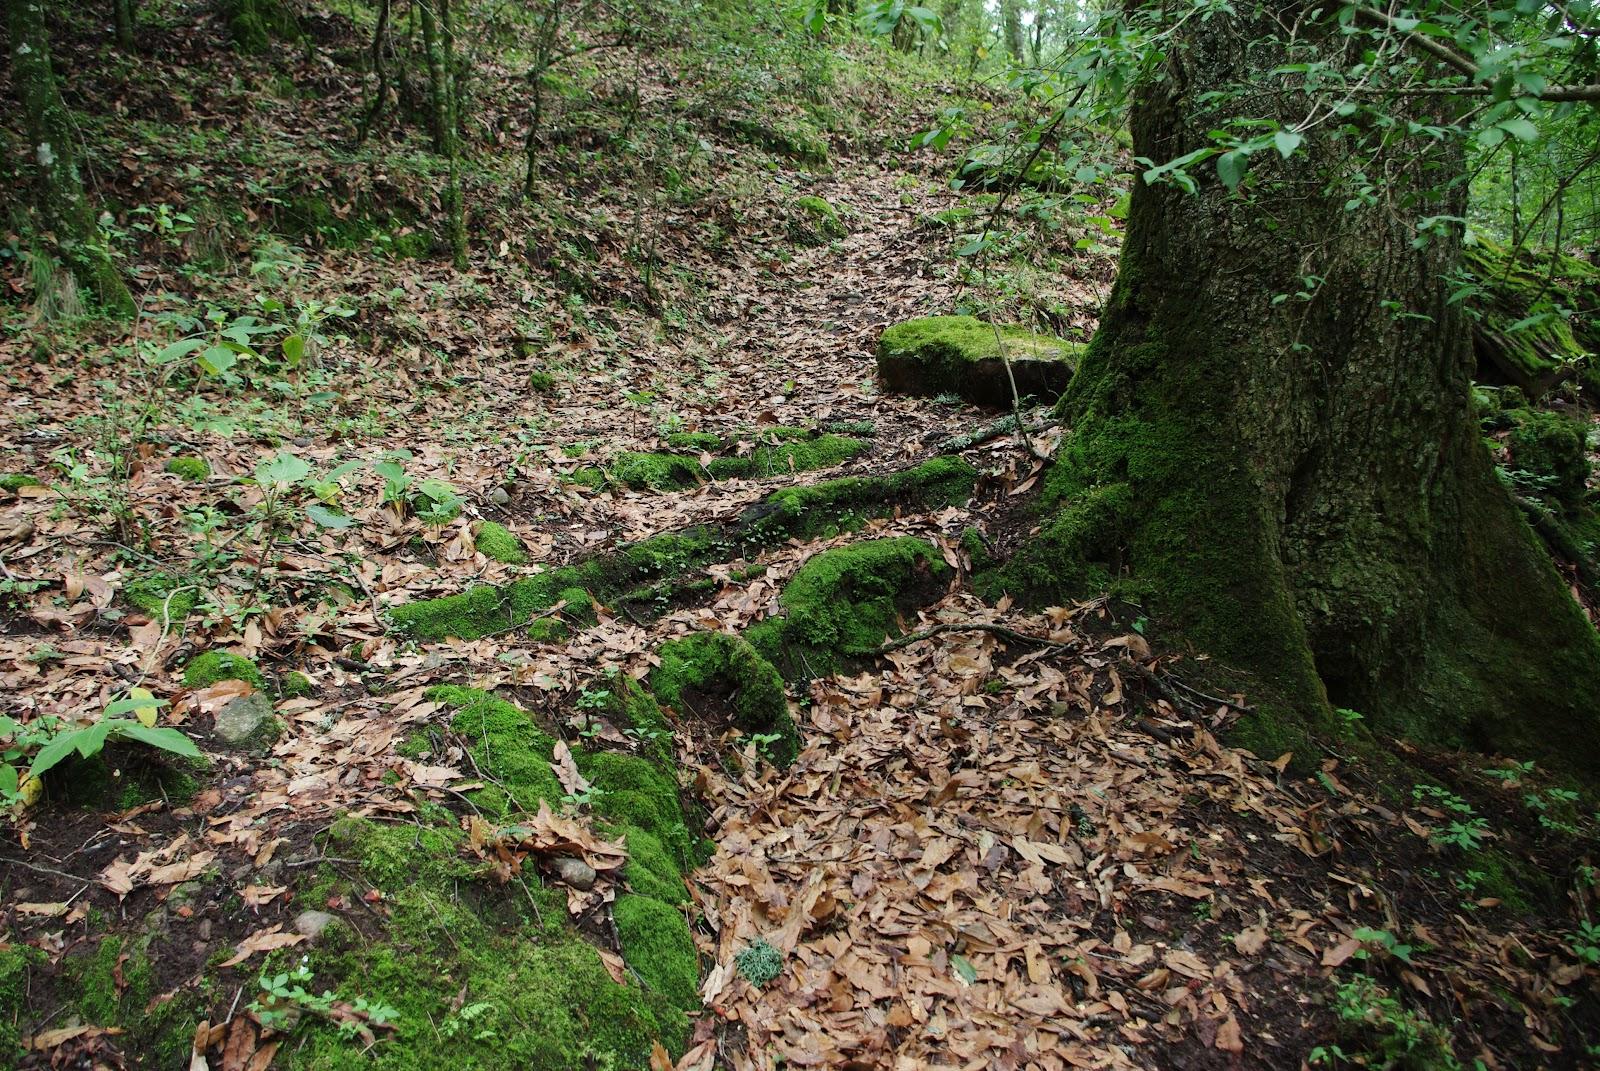 Ecosistemas urbanos sostenibles el suelo de conservaci n for Suelo besar el suelo xd